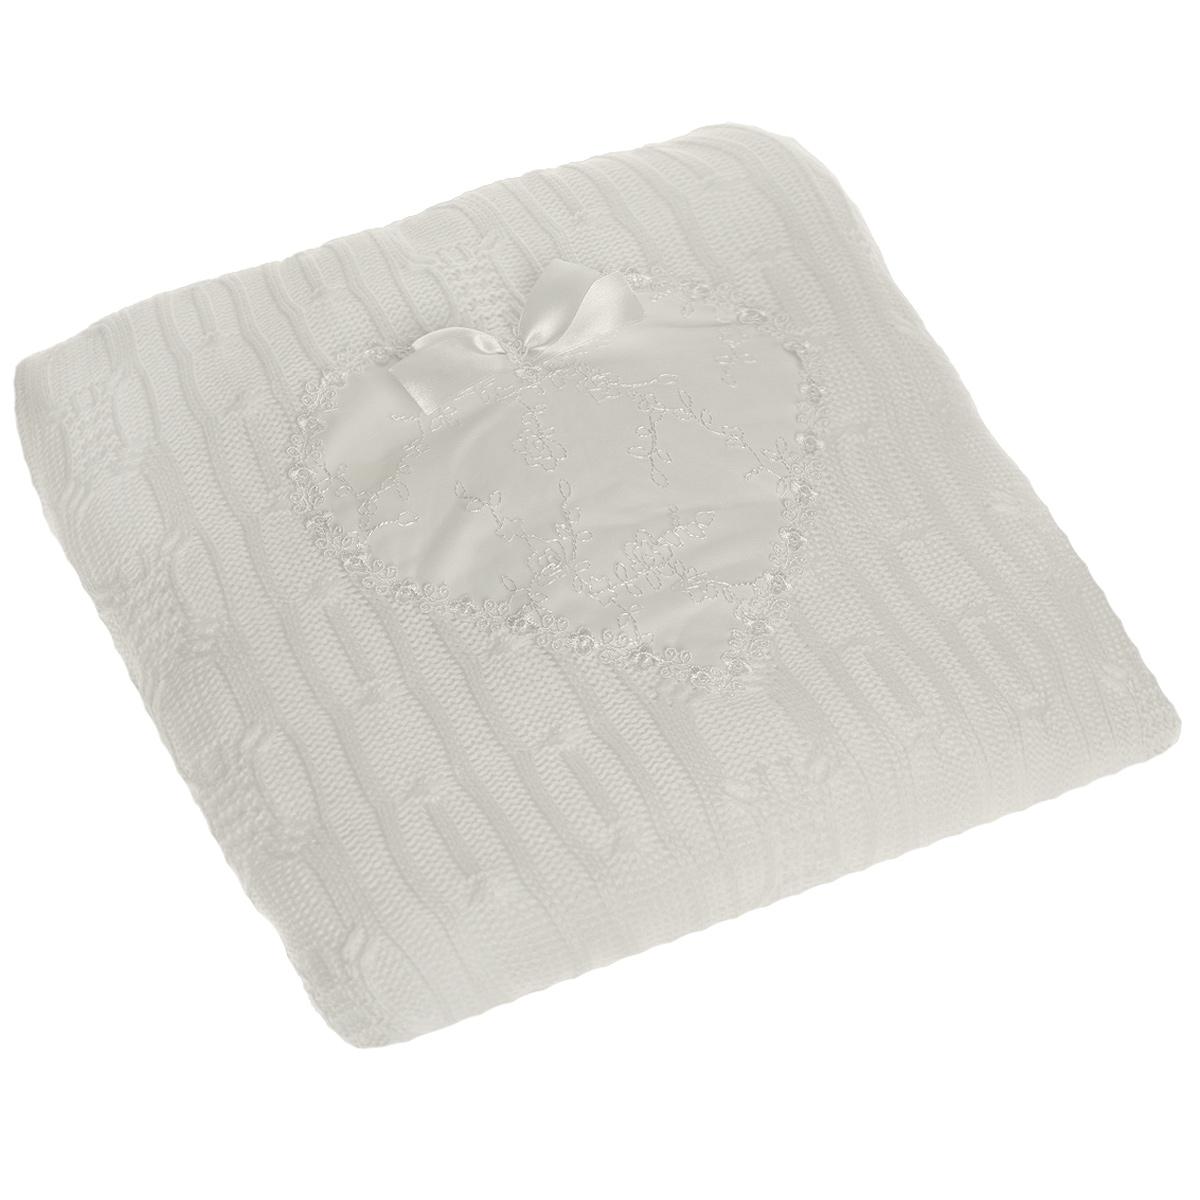 Одеяло-плед Сонный гномик Сердечко, цвет: белый, 90 см х 90 см588Теплое детское одеяло-плед Сонный гномик Сердечко идеально подойдет для прогулок в коляске. Верхняя часть пледа связана из 100% акрила, а нижняя часть - изготовлена из 100% хлопка. В качестве утеплителя используется синтепон (плотностью 100). По краю изделие обработано широкой ажурной тесьмой, а посередине оформлено очаровательным нежным сердечком, украшенным ажурной вышивкой и атласным бантом. Благодаря размерам и практичному материалу плед очень удобен в использовании. Детский плед Сонный гномик Сердечко - лучший выбор родителей, которые хотят подарить ребенку ощущение комфорта и надежности уже с первых дней жизни.